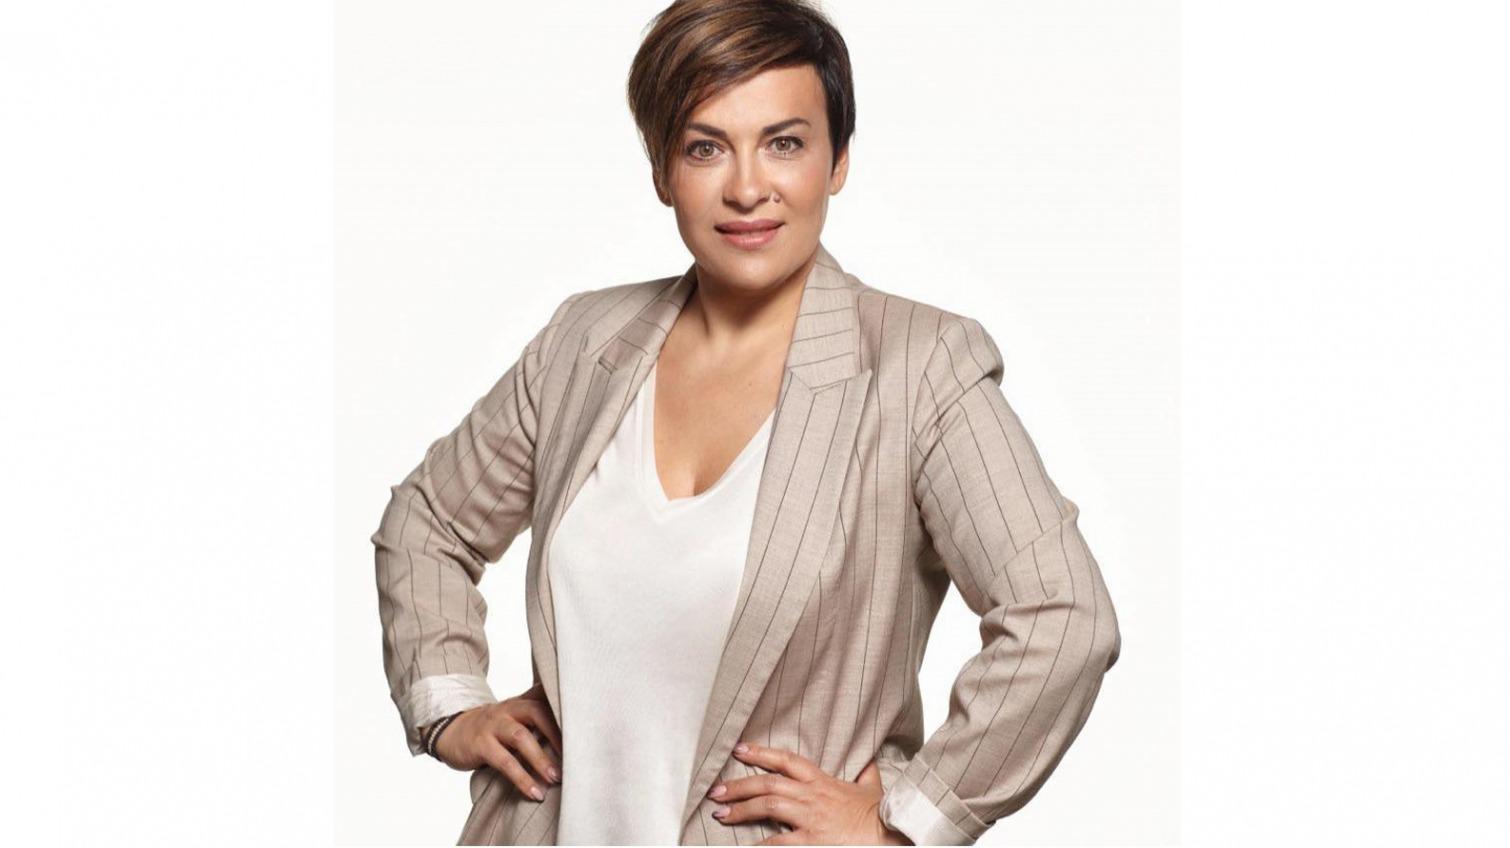 Депутата Одесского горсовета Марину Лозовенко отправили в СИЗО «фото»